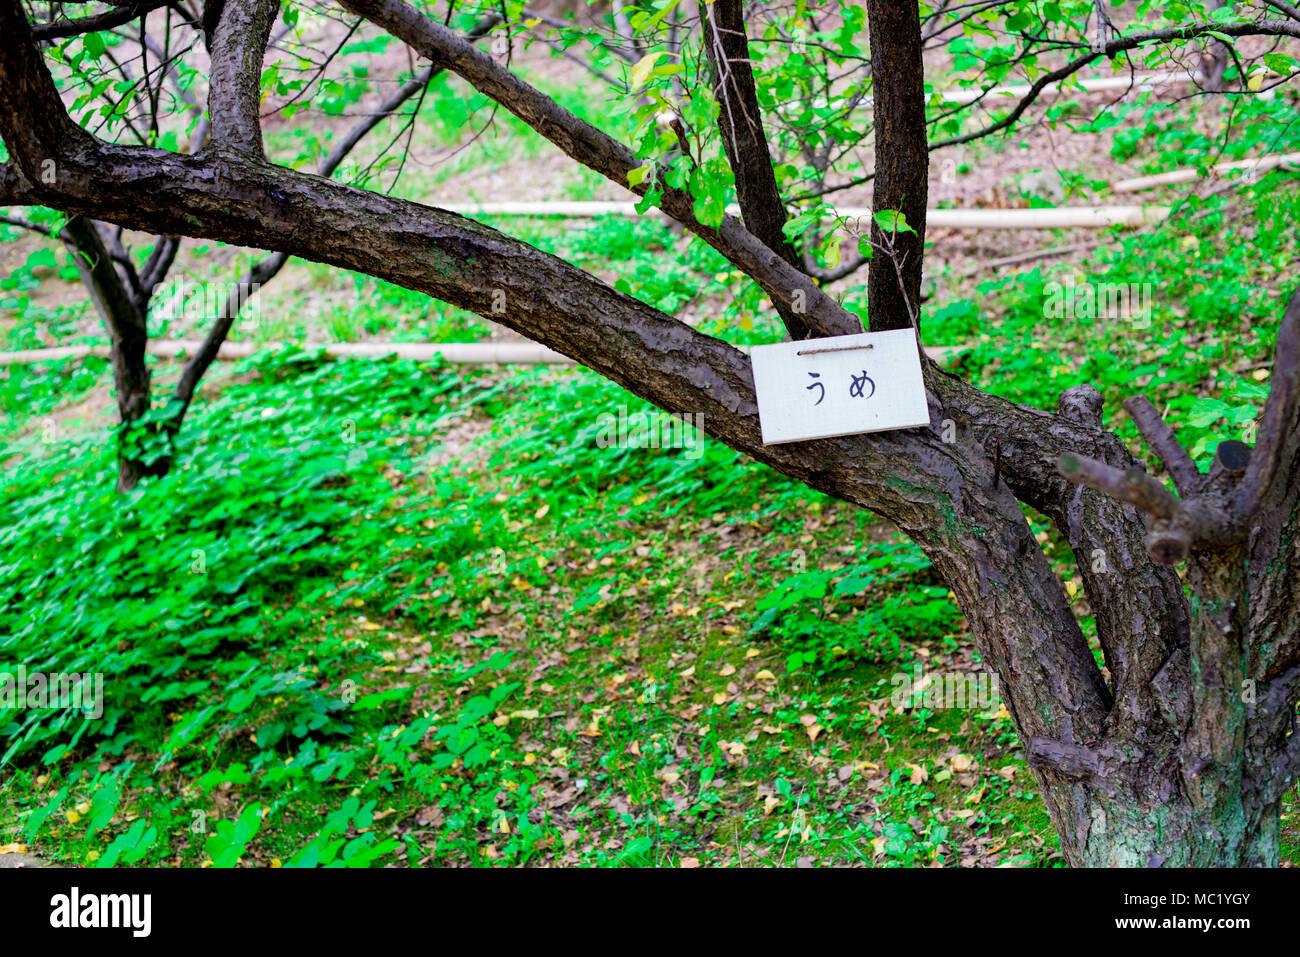 Ume Baum in Kyoto, Japan. Kyoto ist mit der japanischen traditionellen Atmosphäre von vor langer Zeit eingerichtet. Stockbild